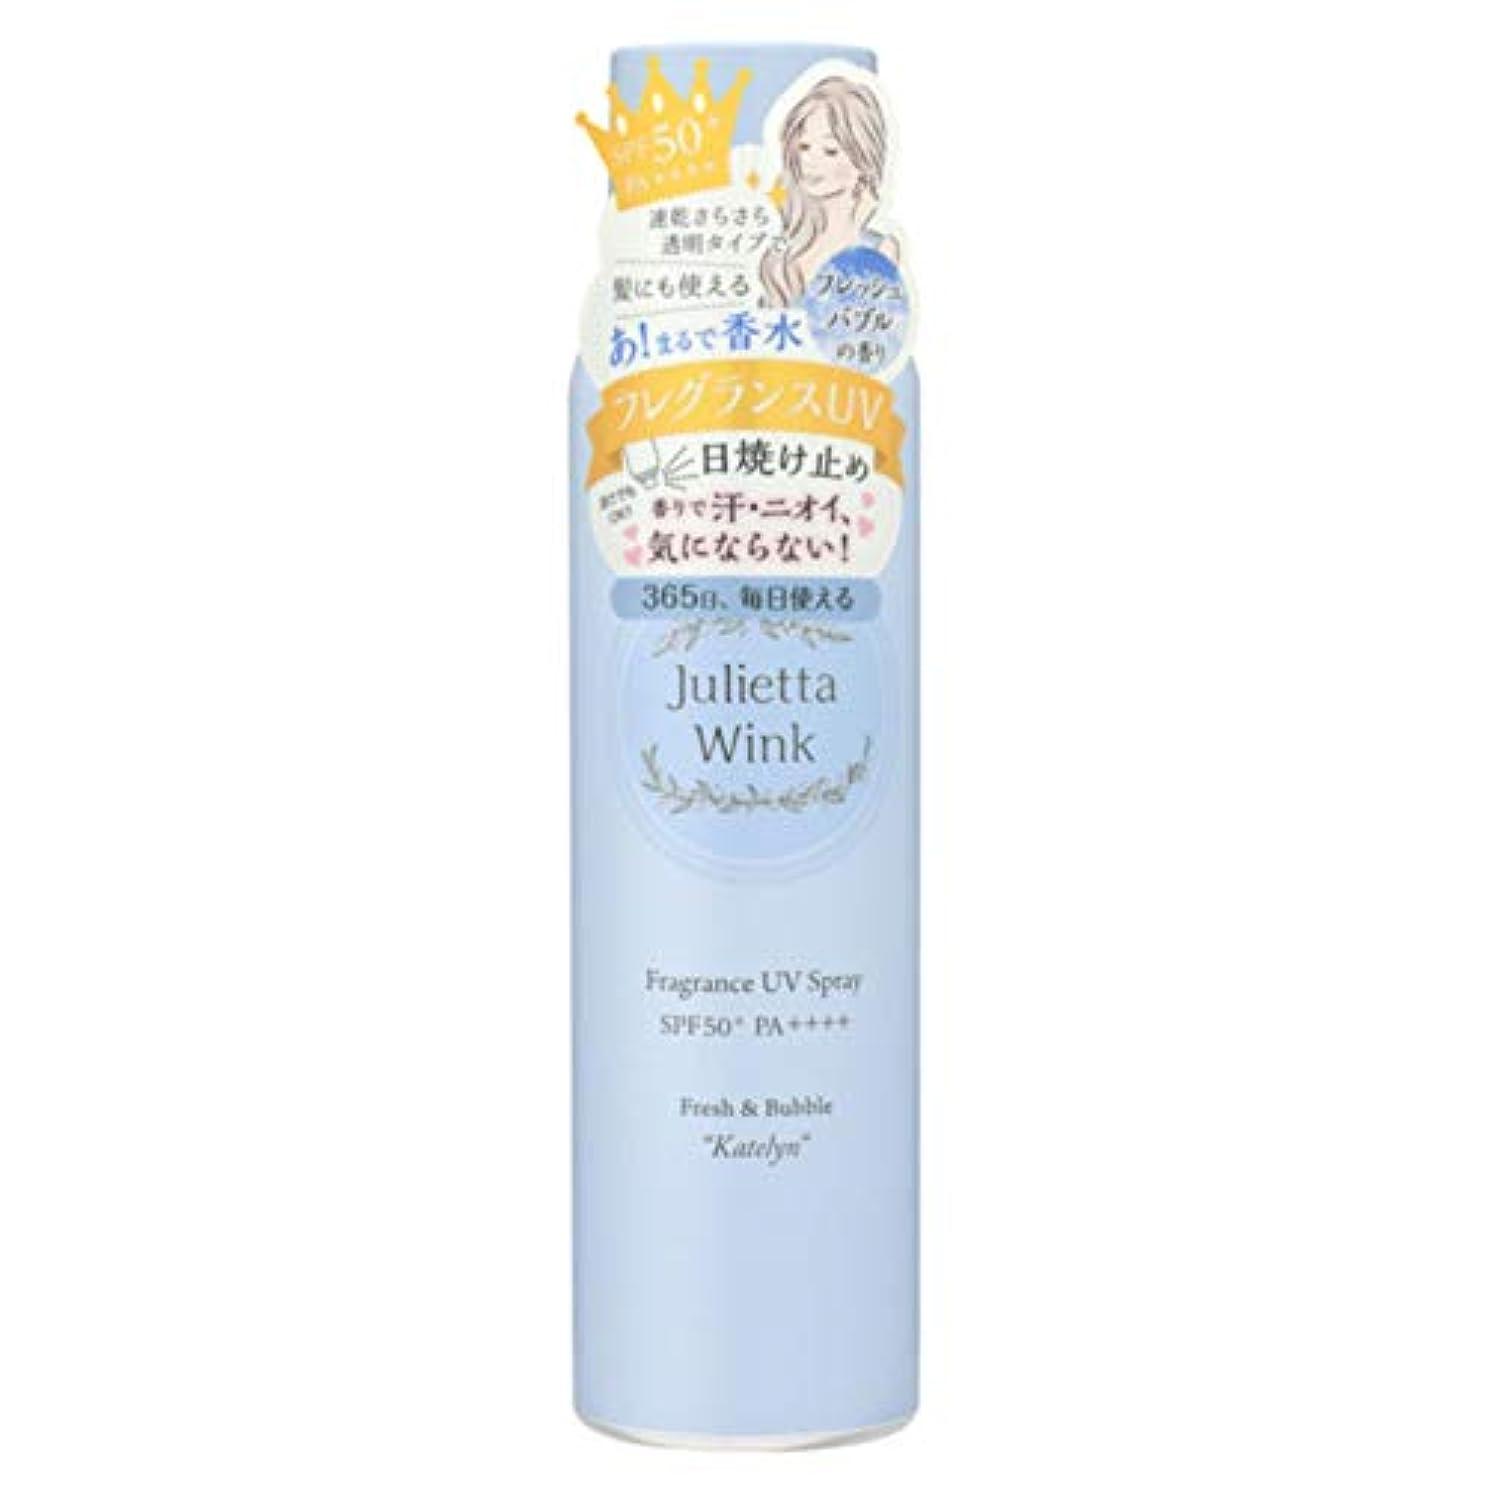 身元メドレー主ジュリエッタウィンク フレグランス UVスプレー[ケイトリン]100g フレッシュバブルの香り(ブルー)